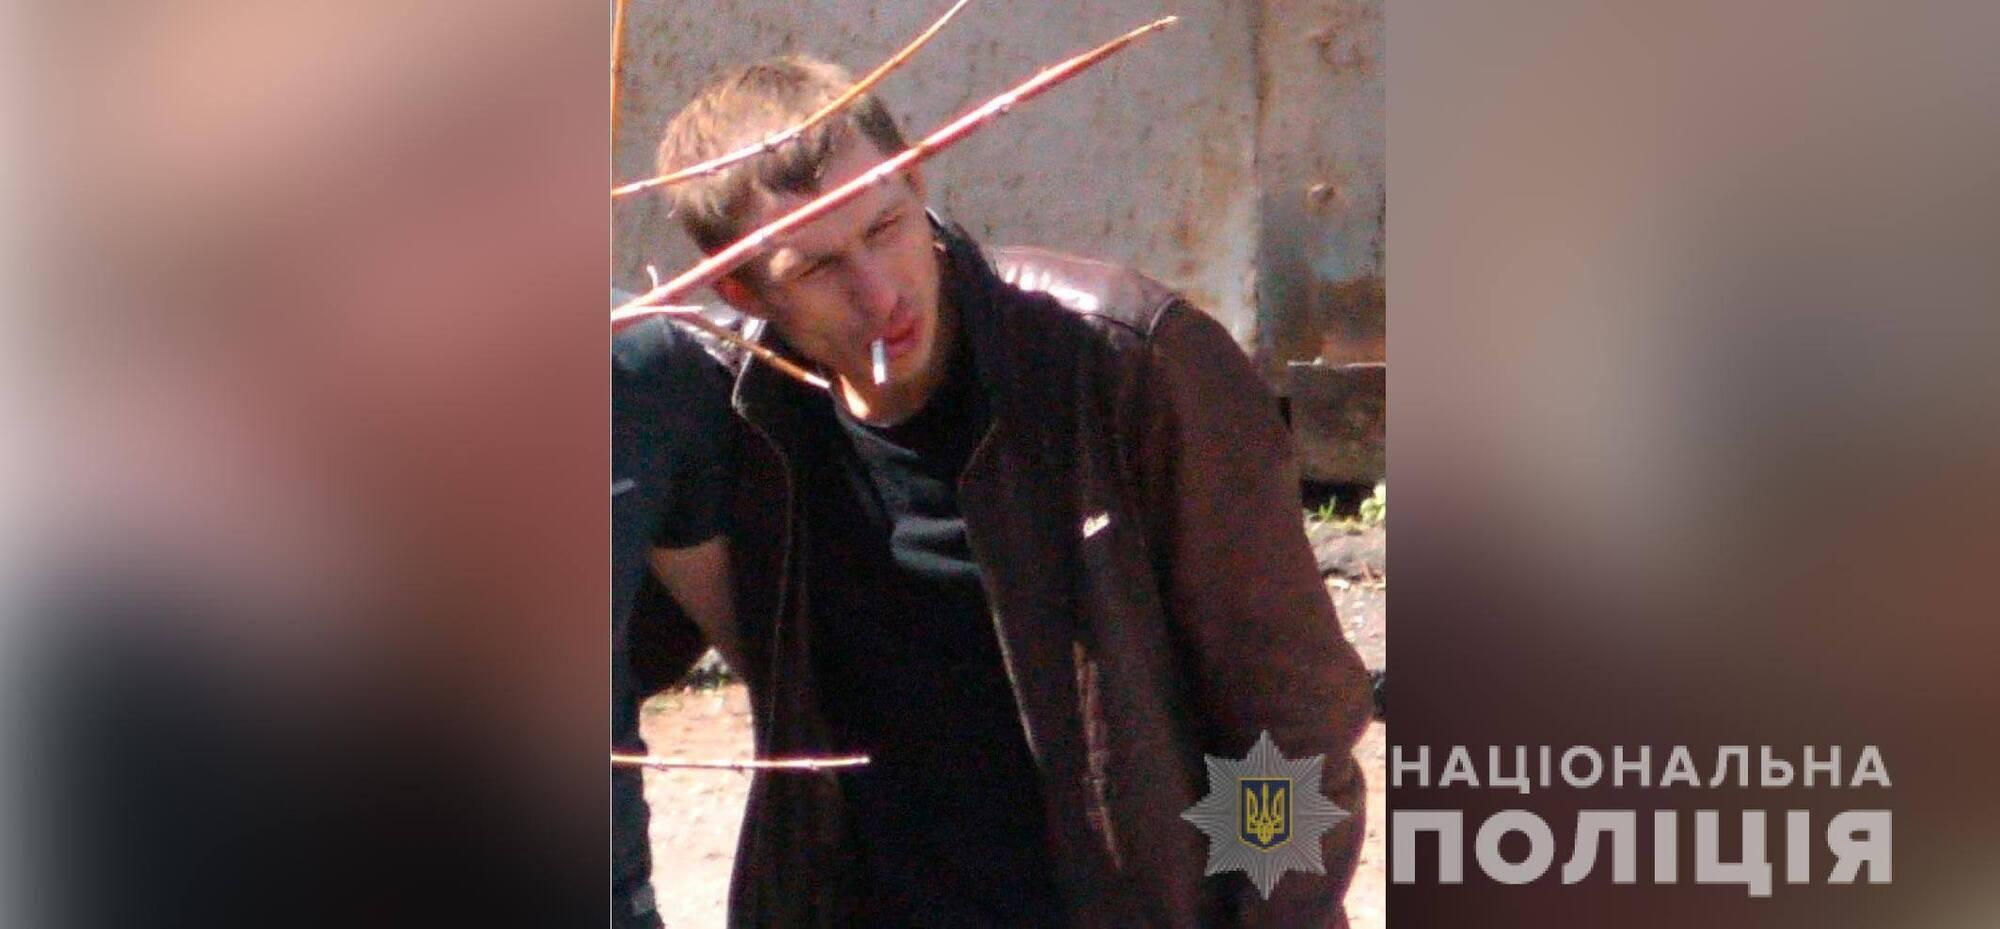 Романа Скрыпника застрелил снайпер